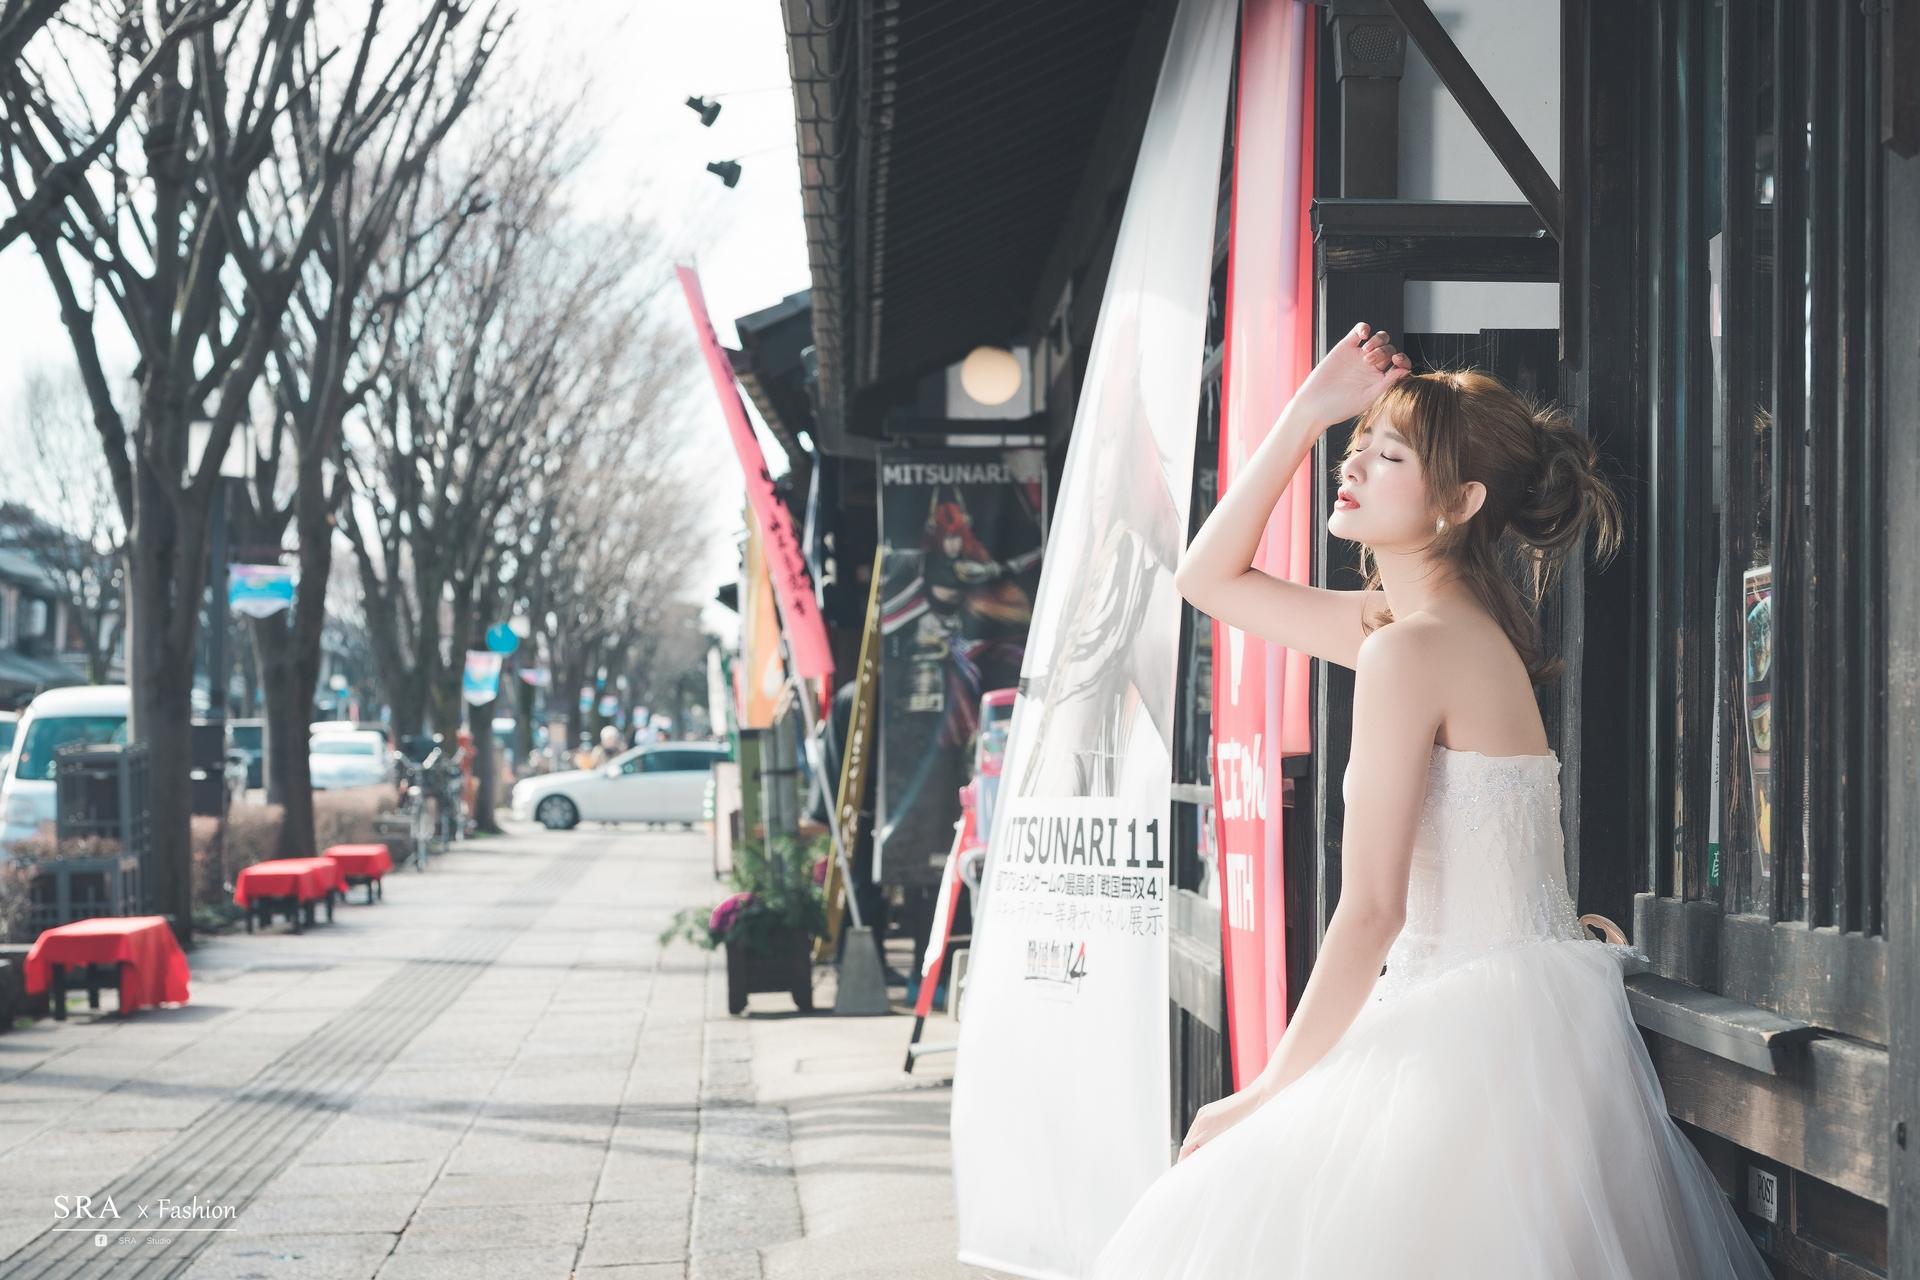 海外旅拍,海外婚紗,海外自助婚紗,旅拍婚紗,旅行婚紗,輕婚紗,手工婚紗